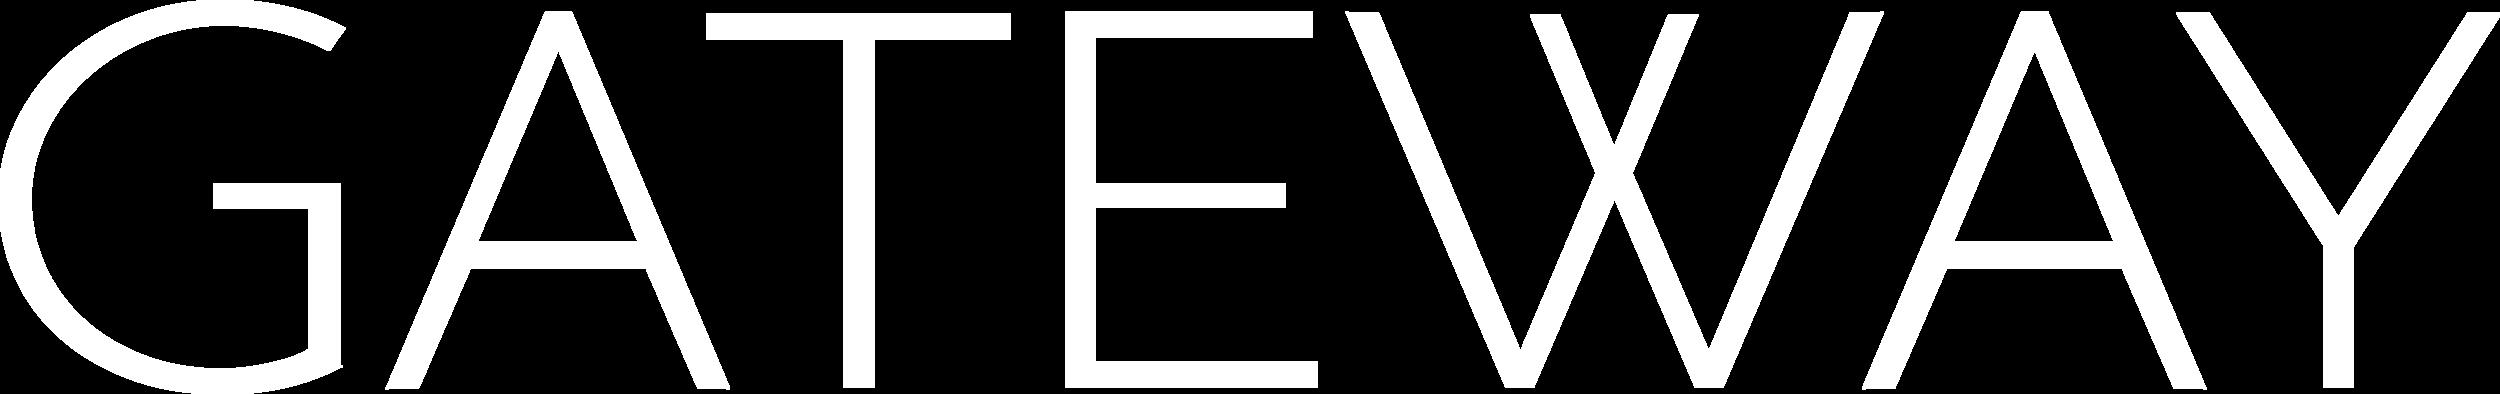 logo-white_trans.png